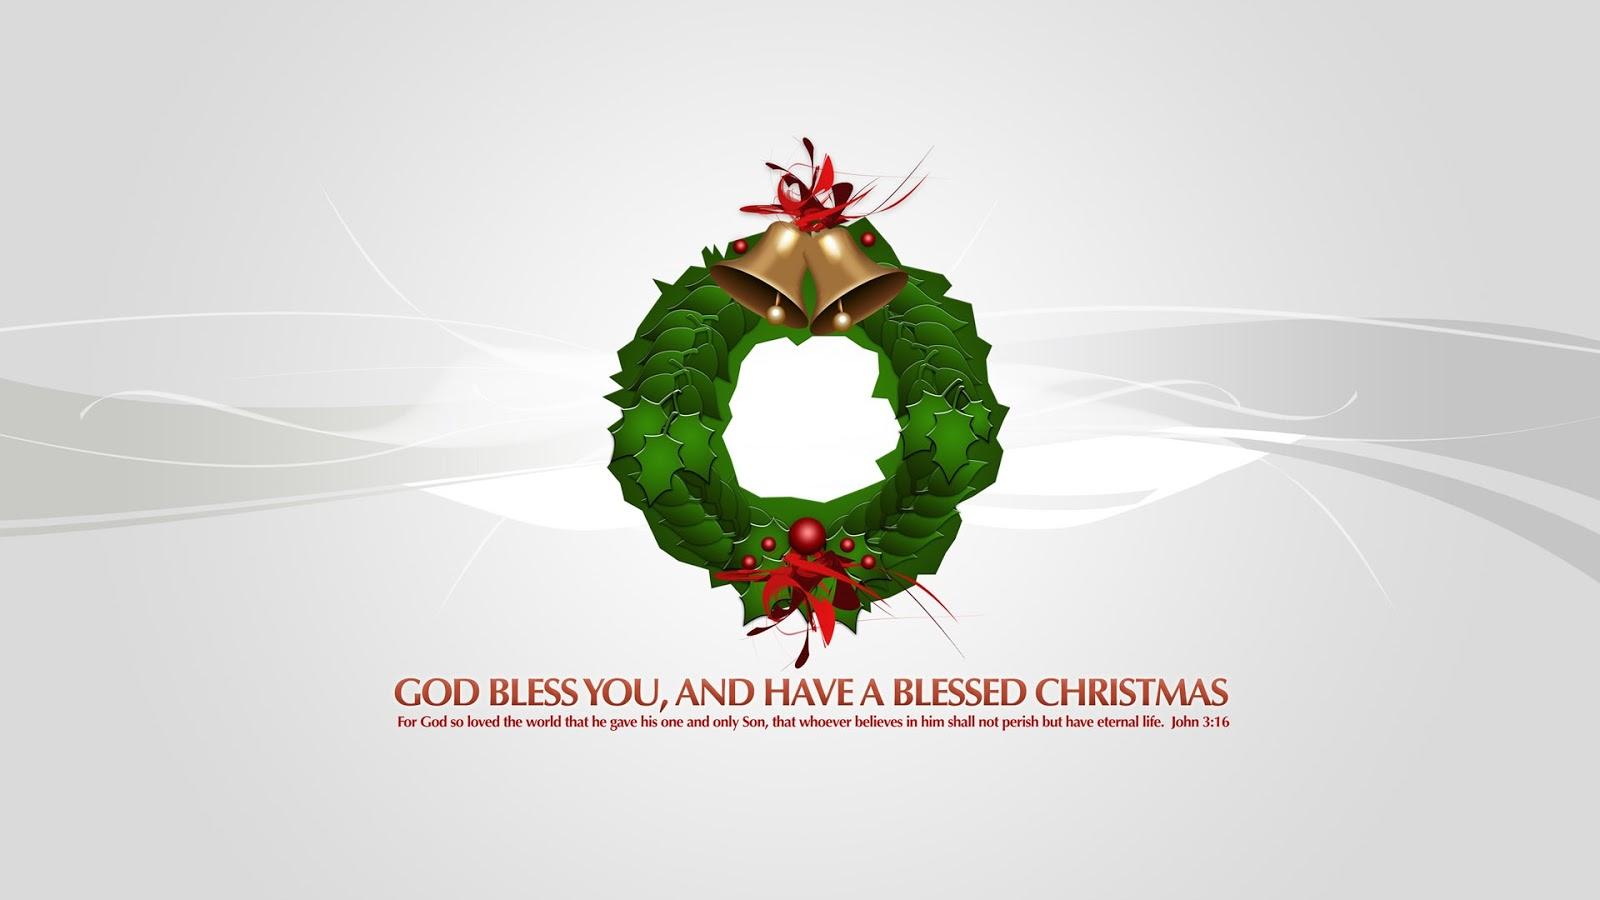 Christmas hd wallpapers 1080p - Hd christmas wallpapers 1080p ...